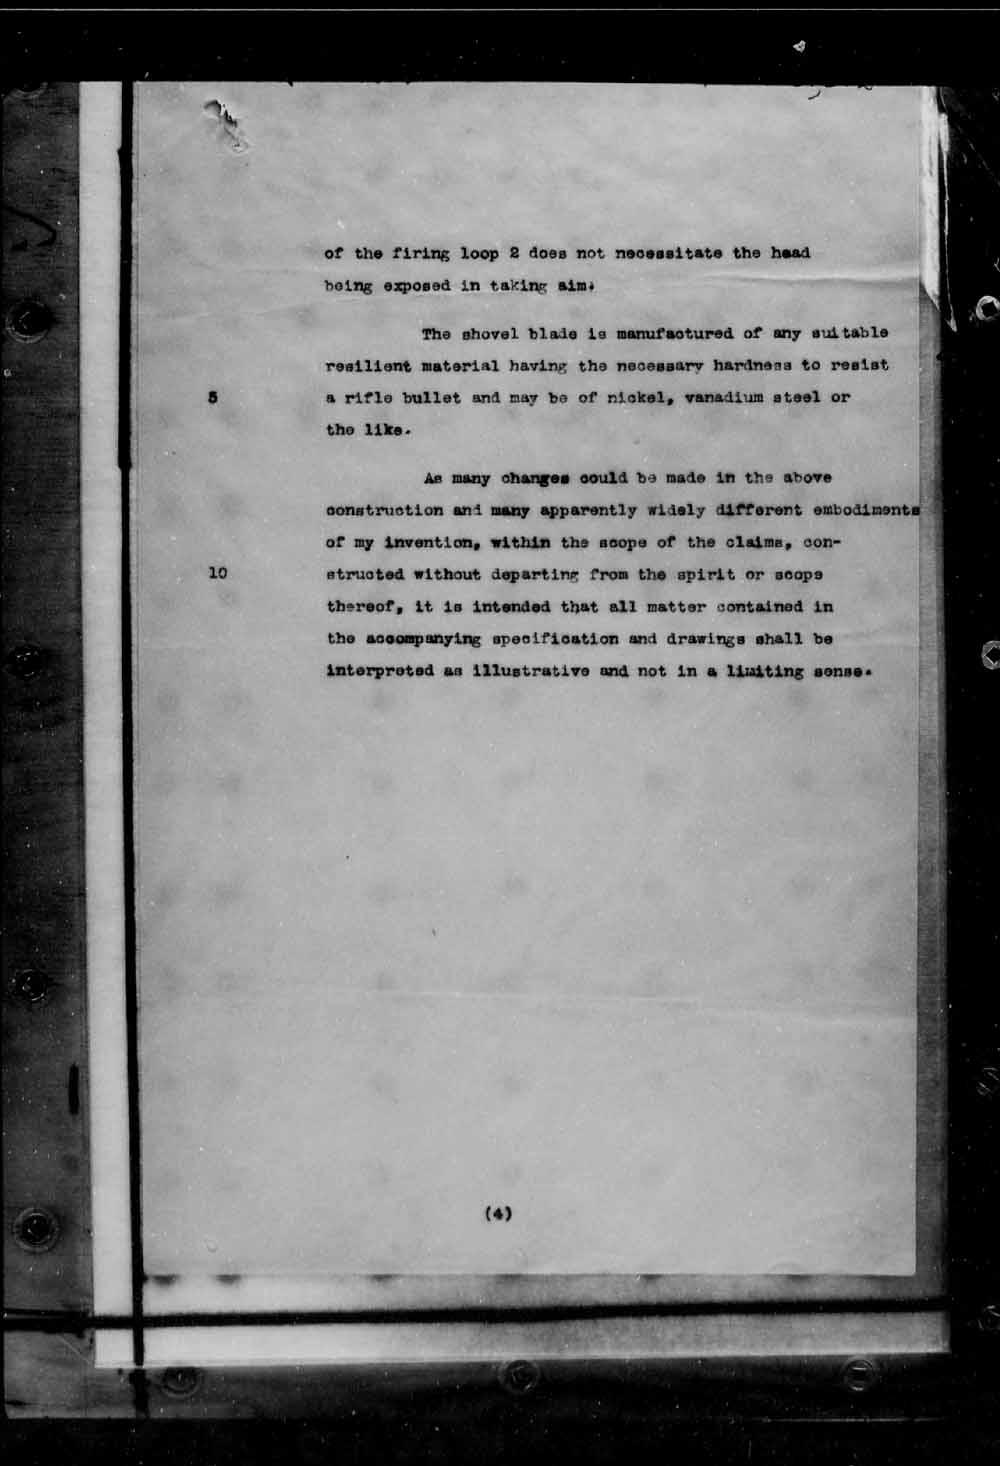 Page numérisé de Brevets canadiens, 1869-1919 pour l'image numéro: e005691677